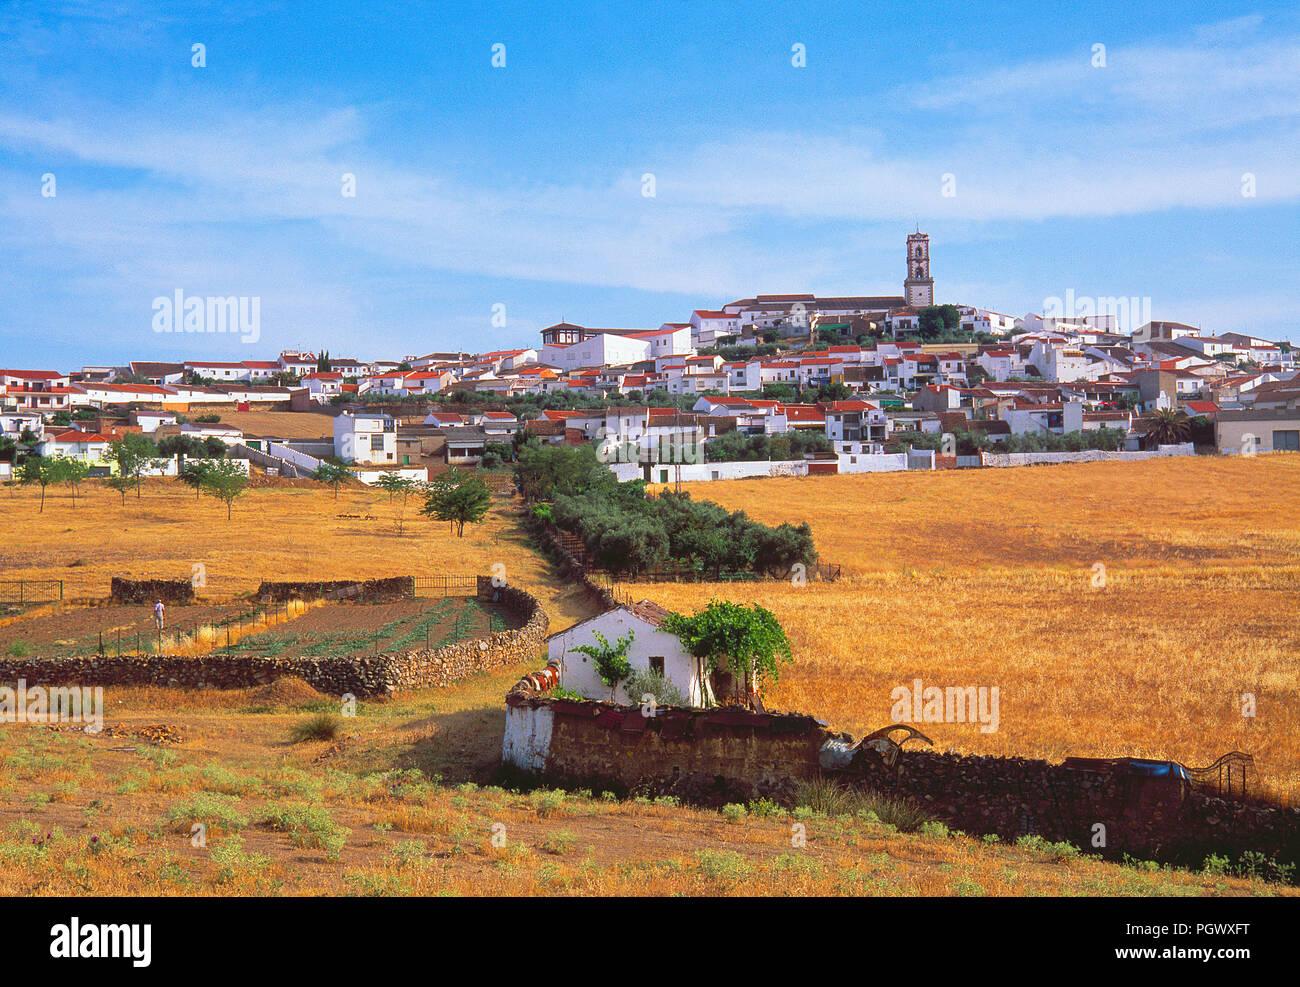 Descripción general. Fuenteobejuna, provincia de Córdoba, Andalucía, España. Imagen De Stock